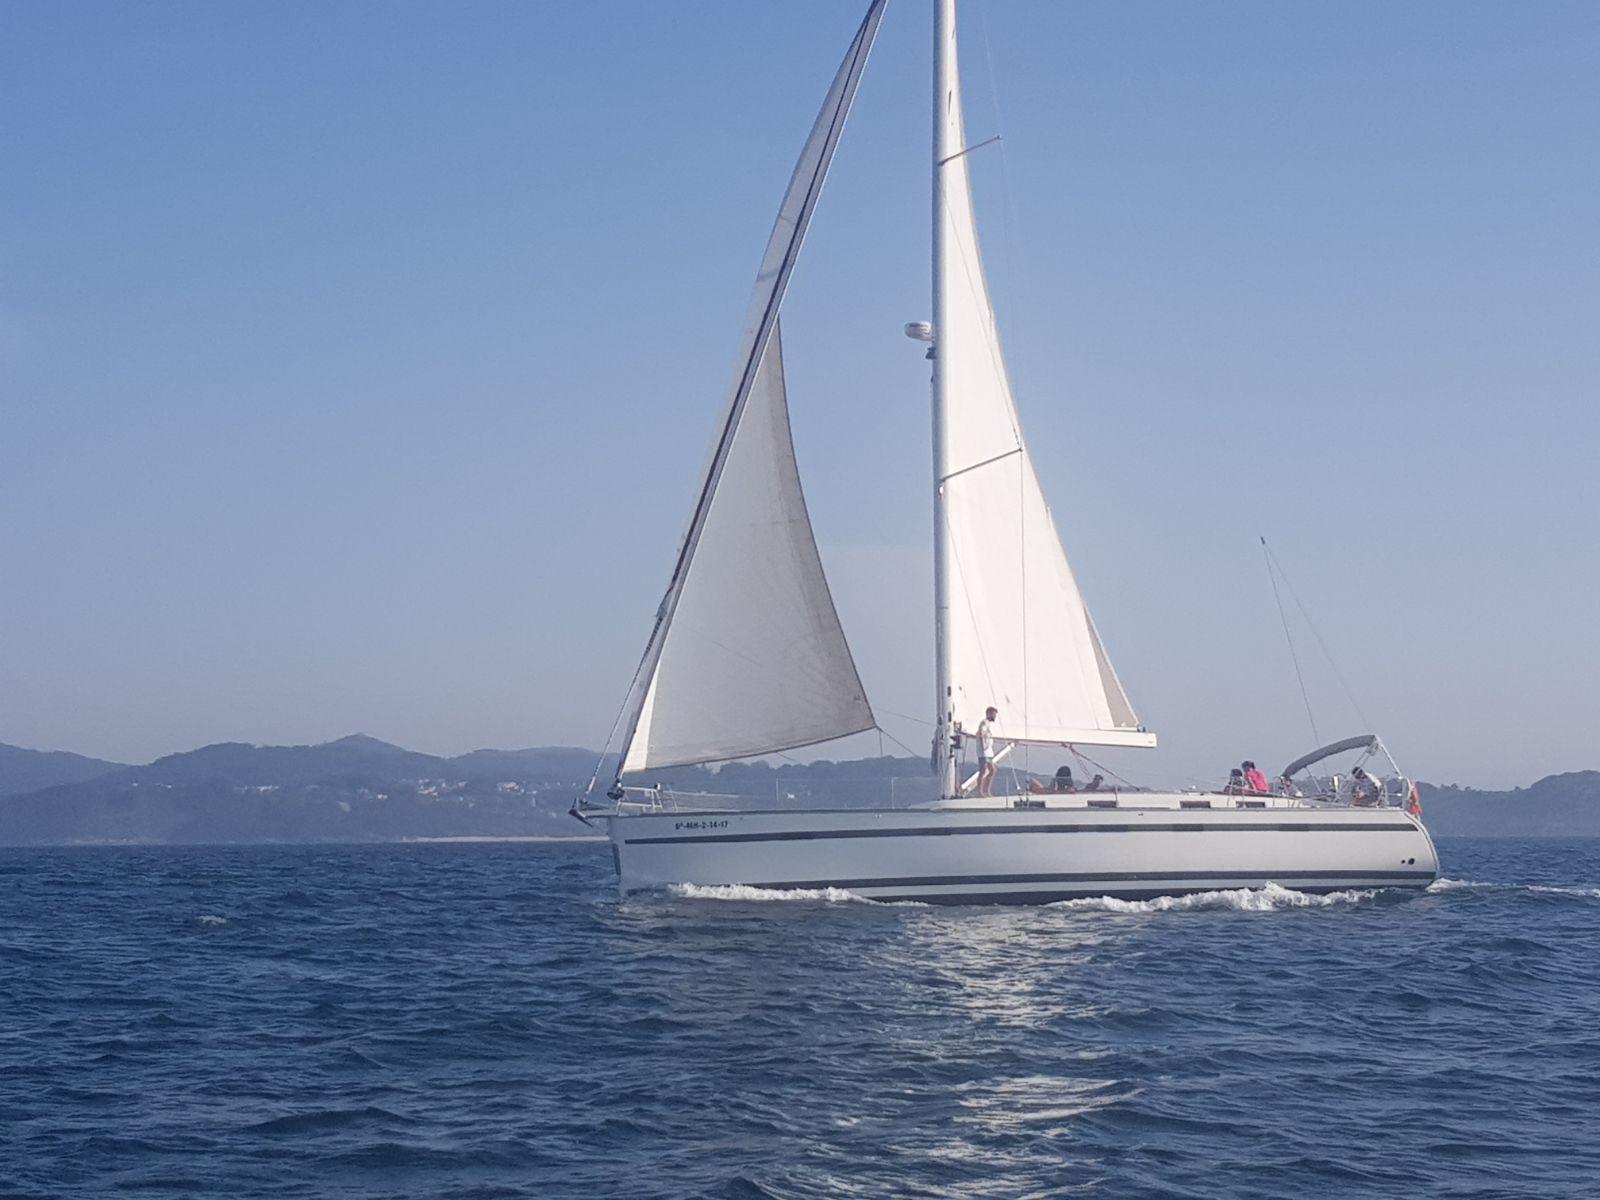 Alquiler Y Venta De Embarcaciones En Sanxenxo Alquiler De Barcos Alquiler De Yates Barcos